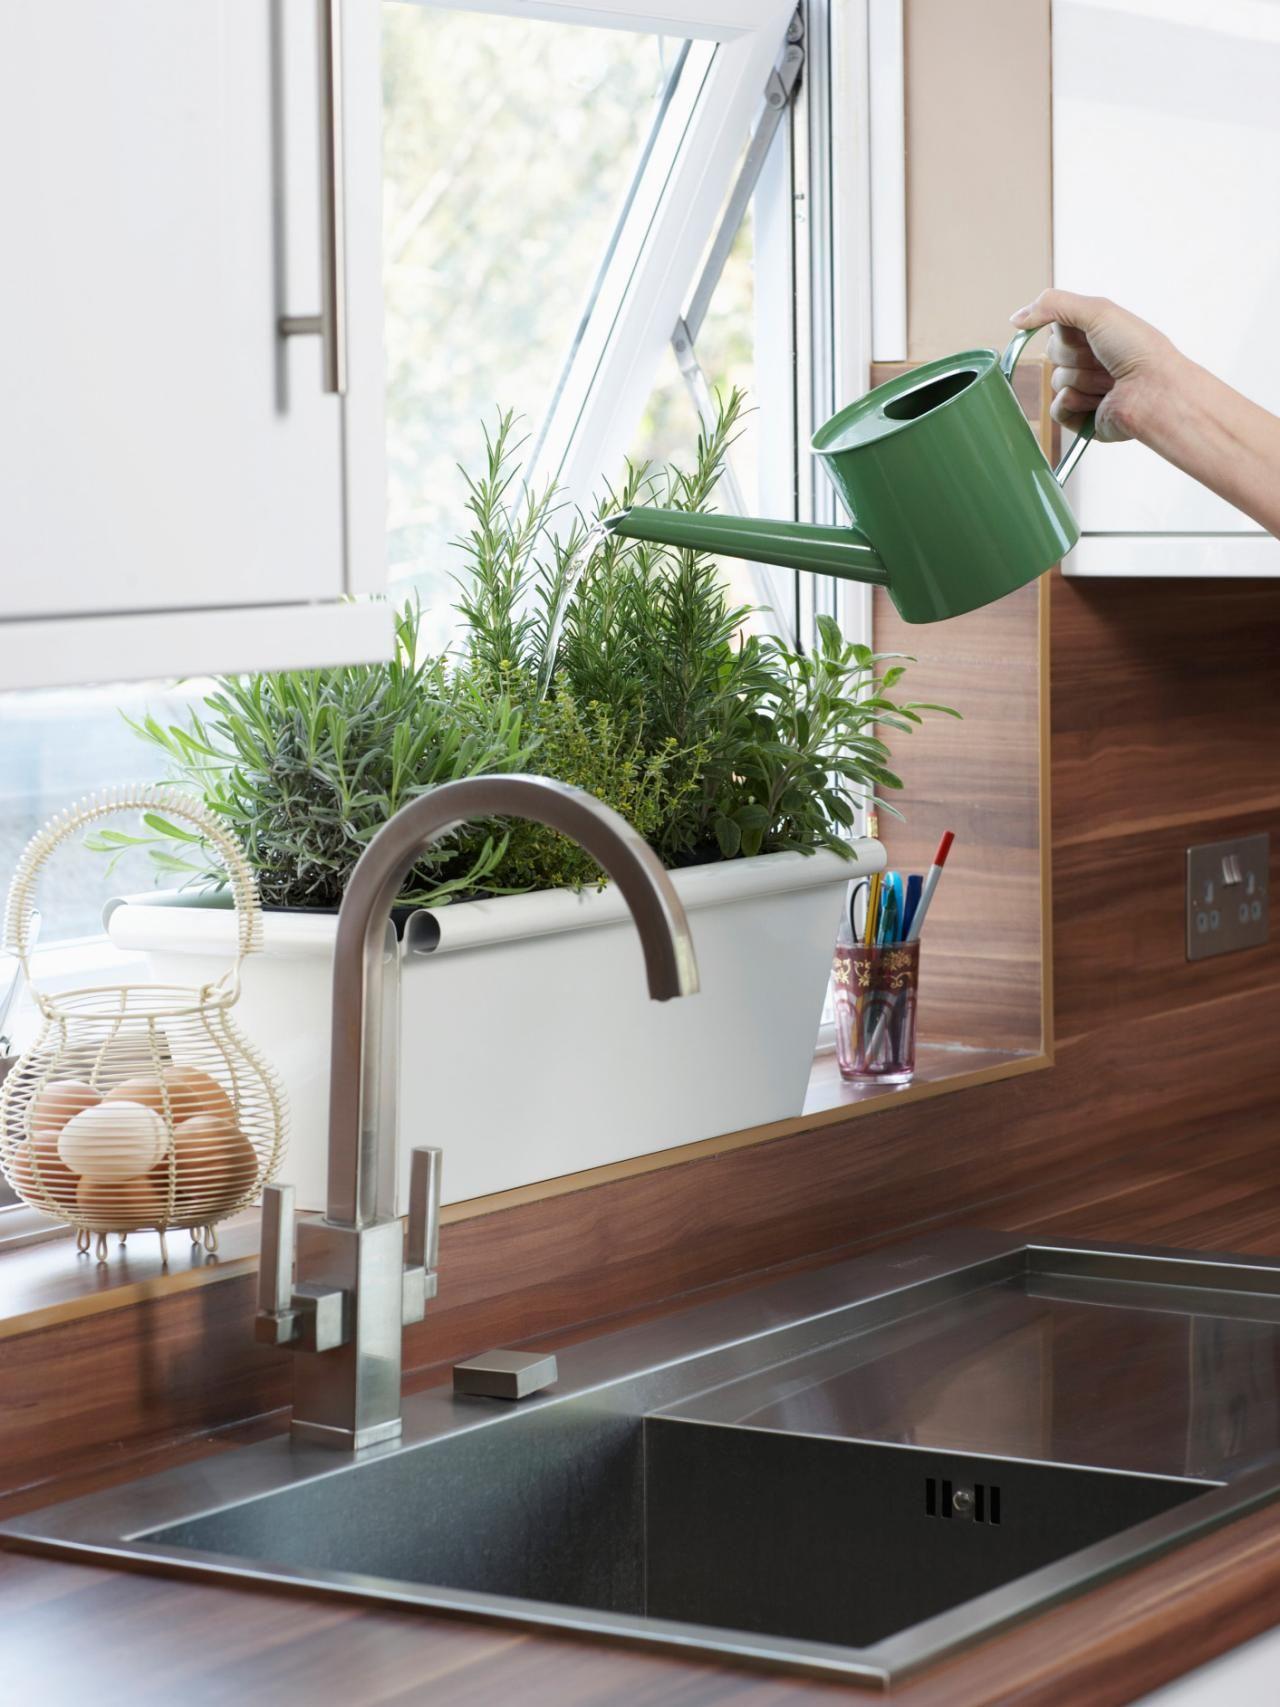 newest kitchensu decorations ideas for ideas kitchen